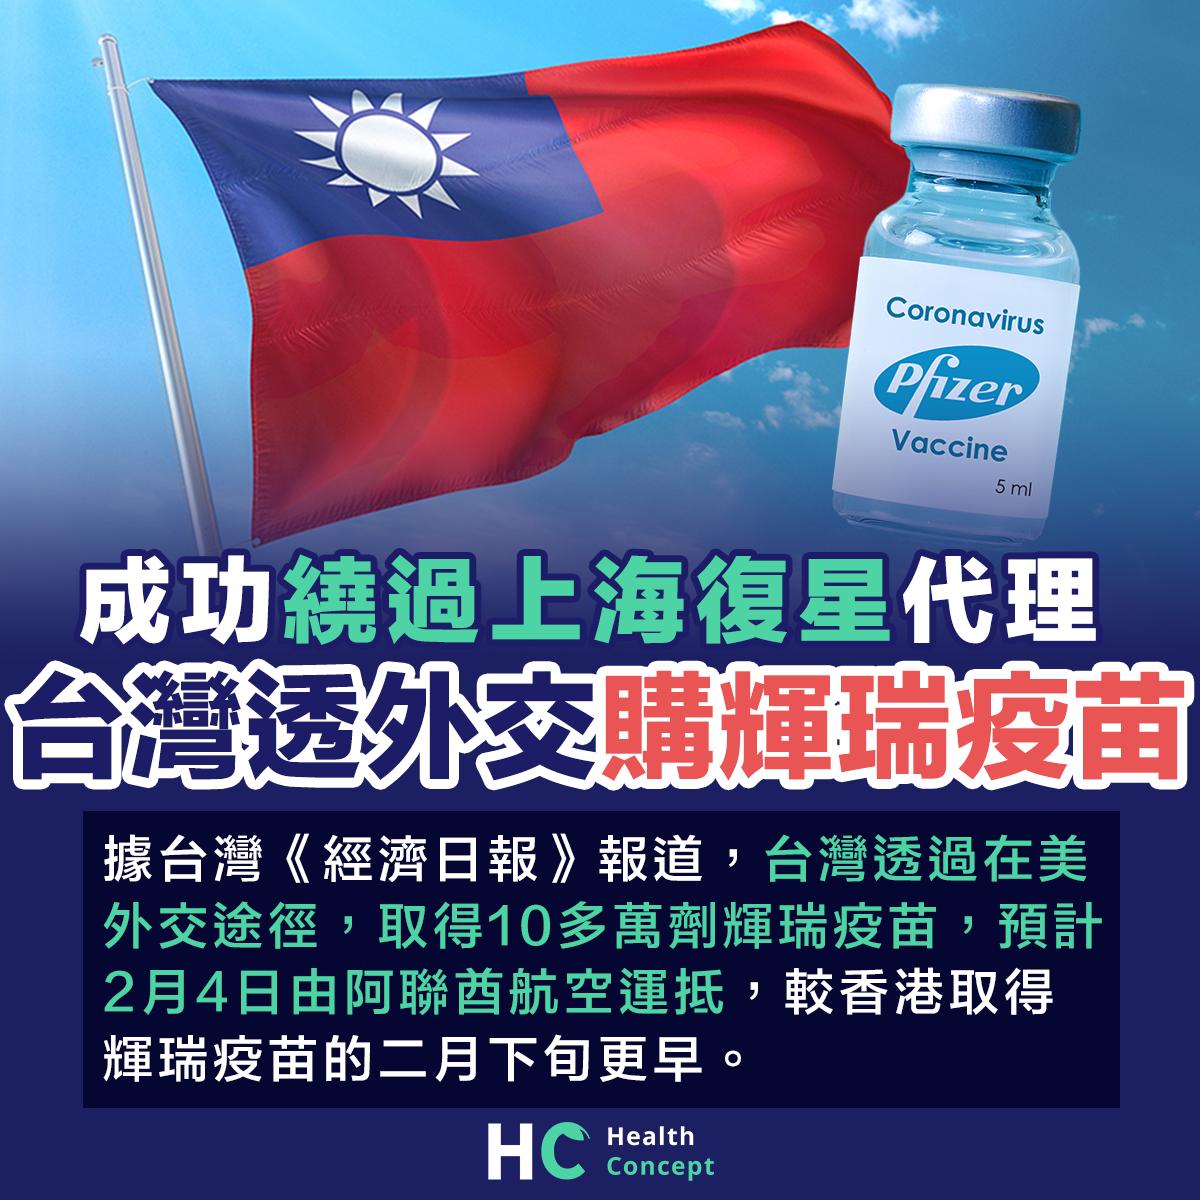 成功繞過上海復星代理 台灣透外交購輝瑞疫苗